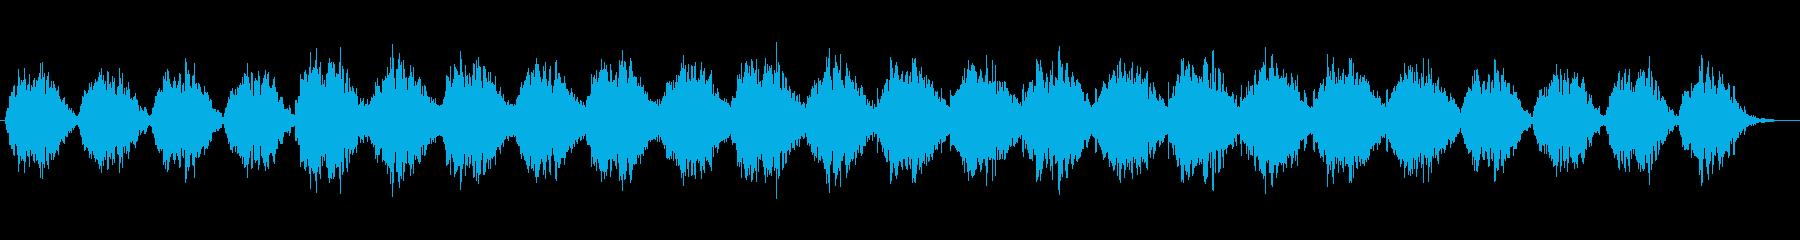 切なさや儚さを感じるアンビエントな曲の再生済みの波形